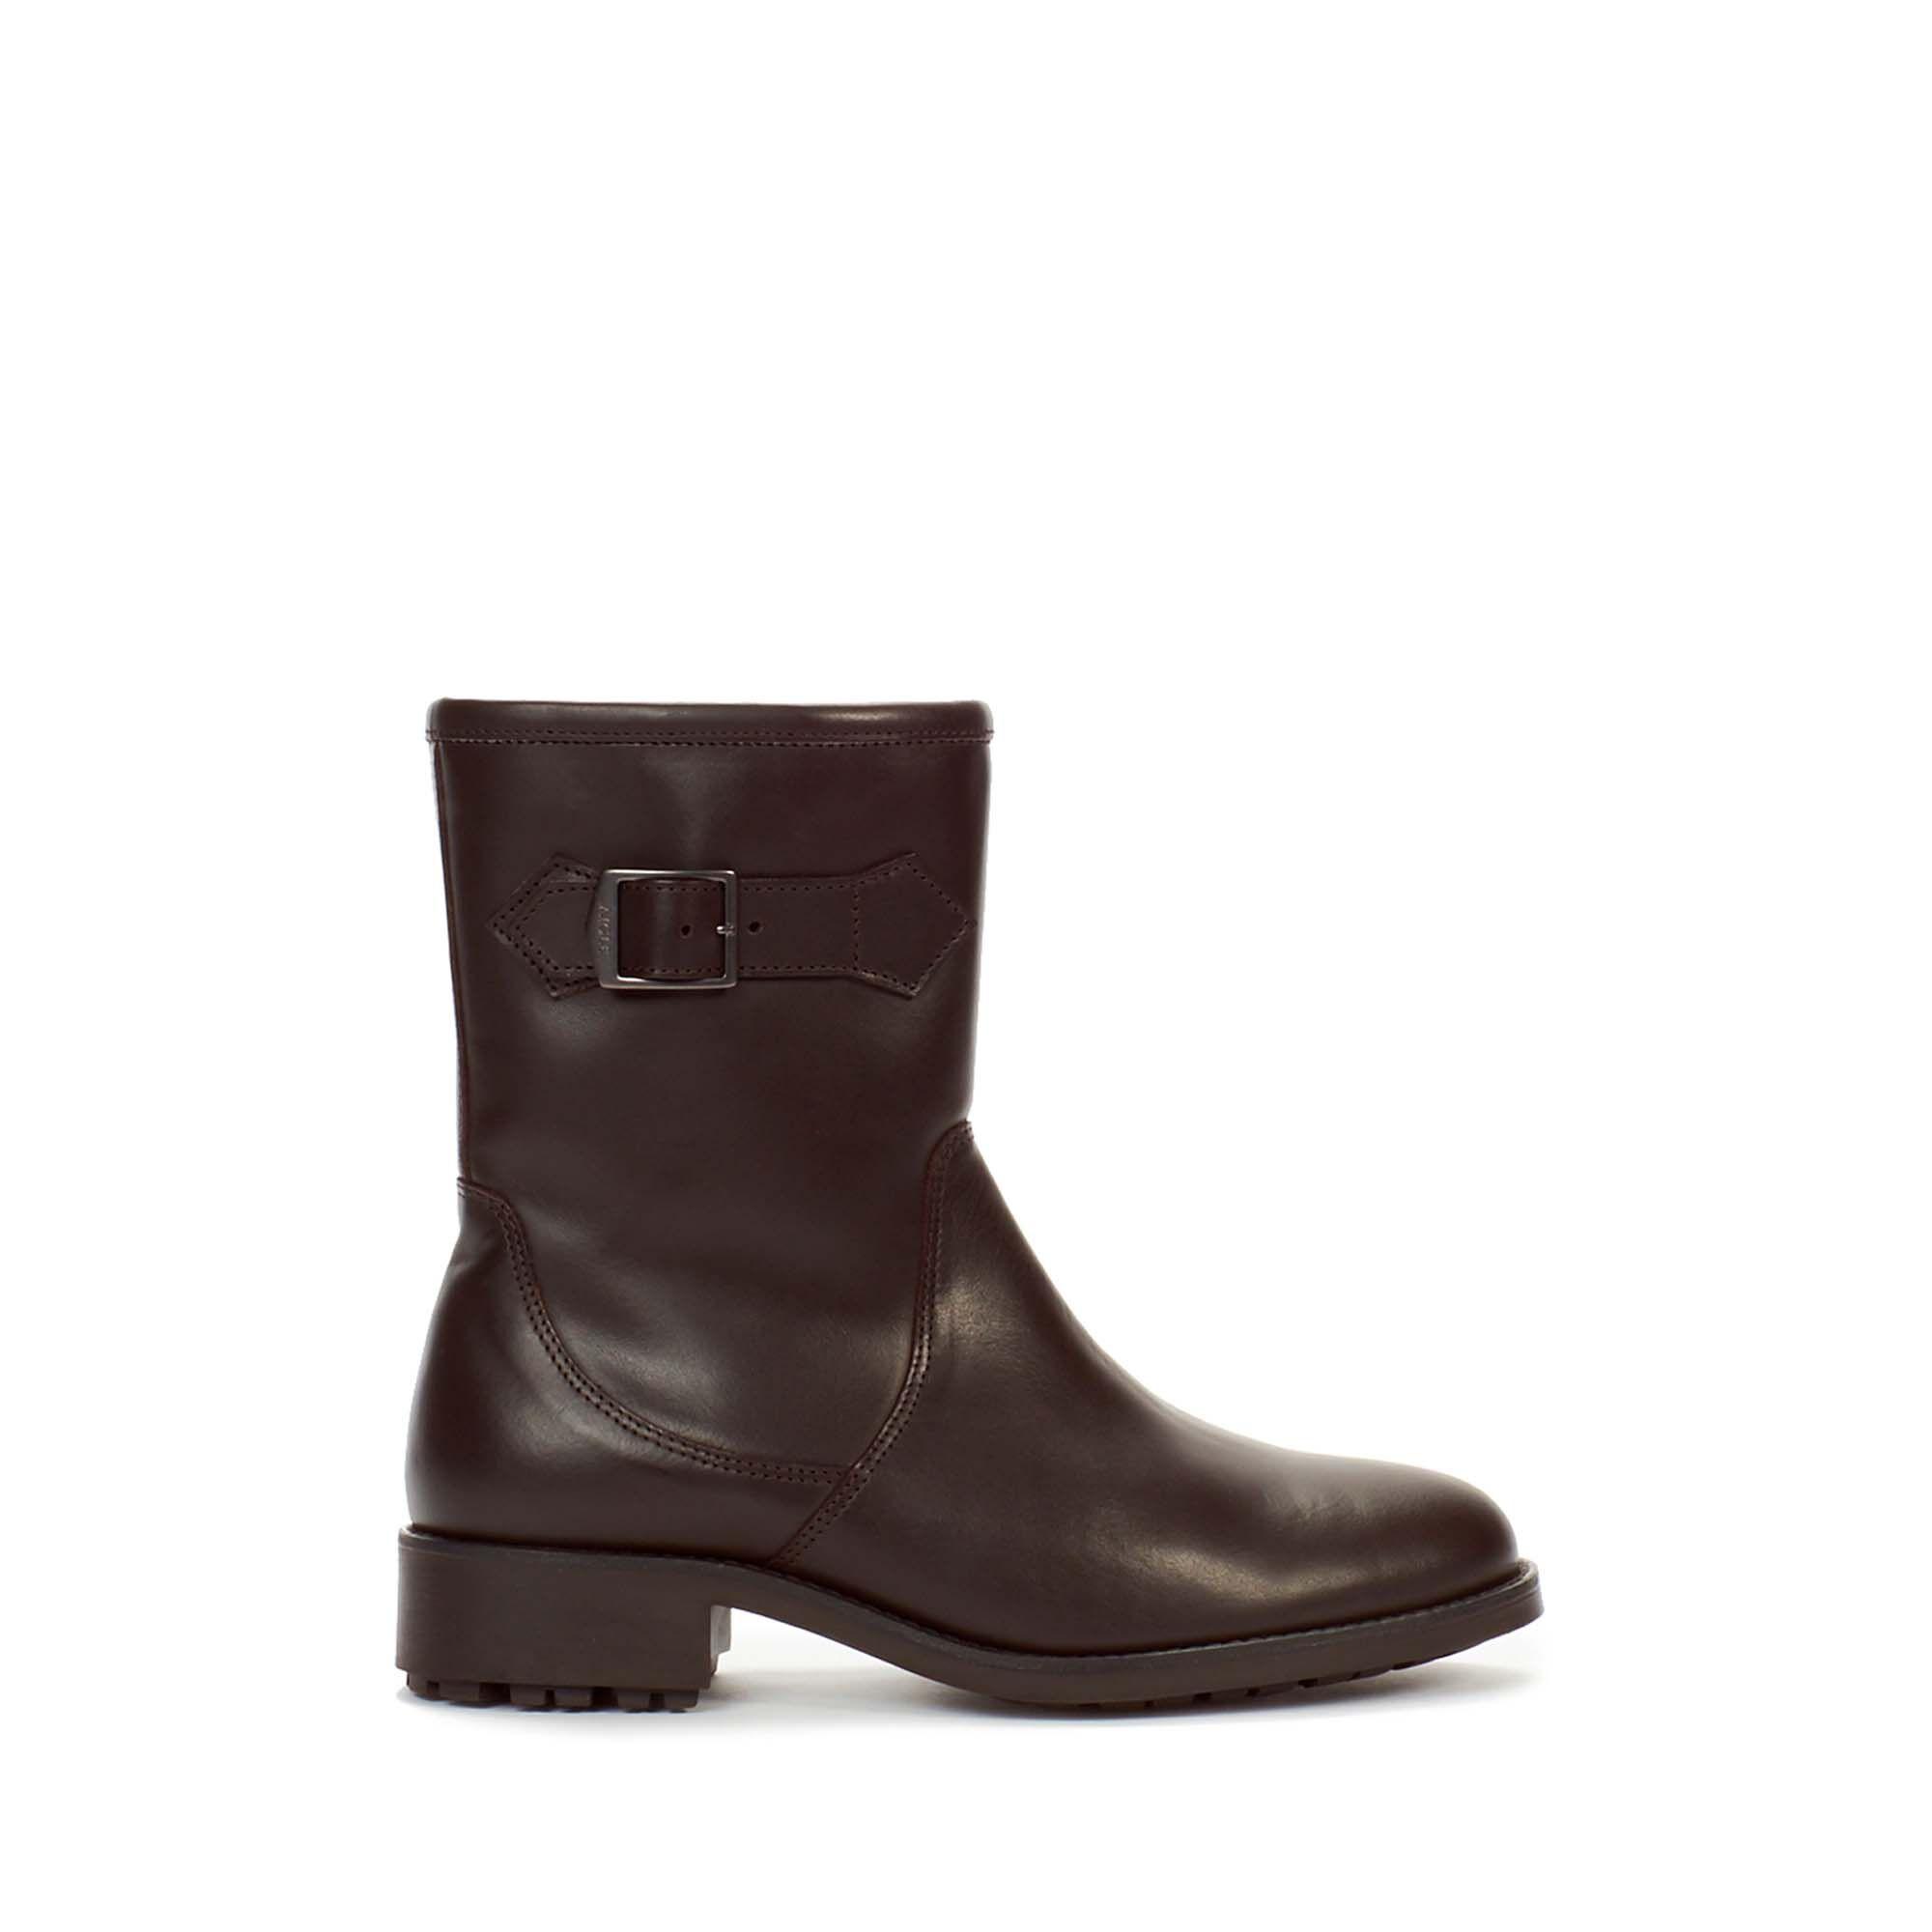 Aigle Chaussures Chaussures Femme Fourrées Fourrées SIHawZqZ